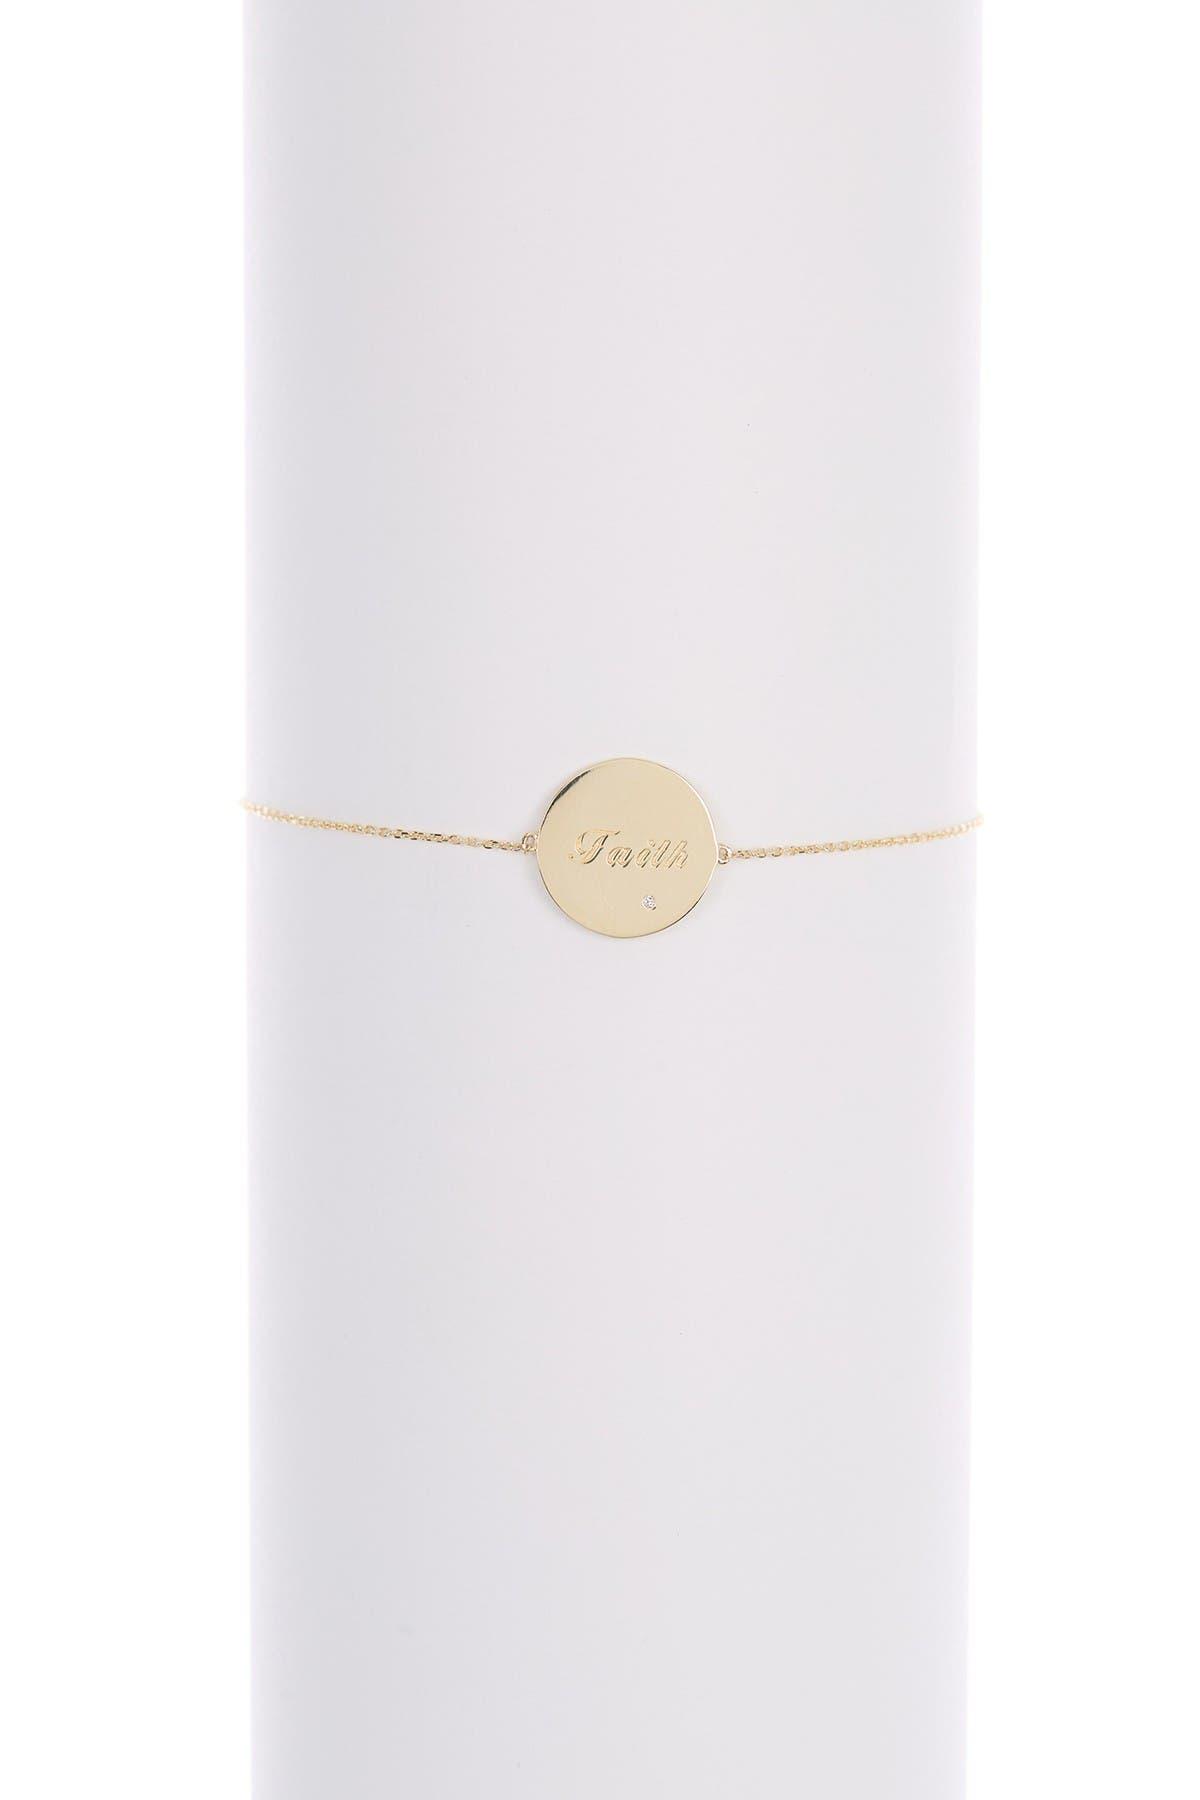 Image of Candela 10K Yellow Gold CZ 'Faith' Disc Adjustable Bracelet